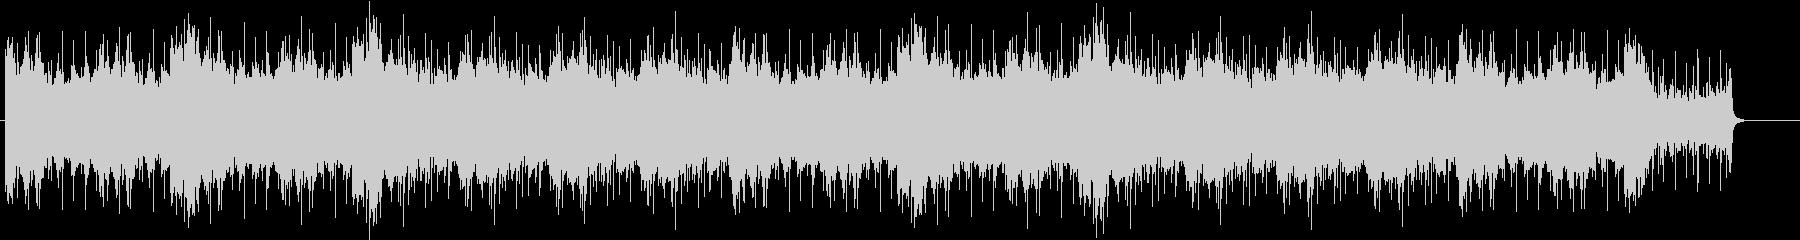 タイムラプス用BGMの未再生の波形